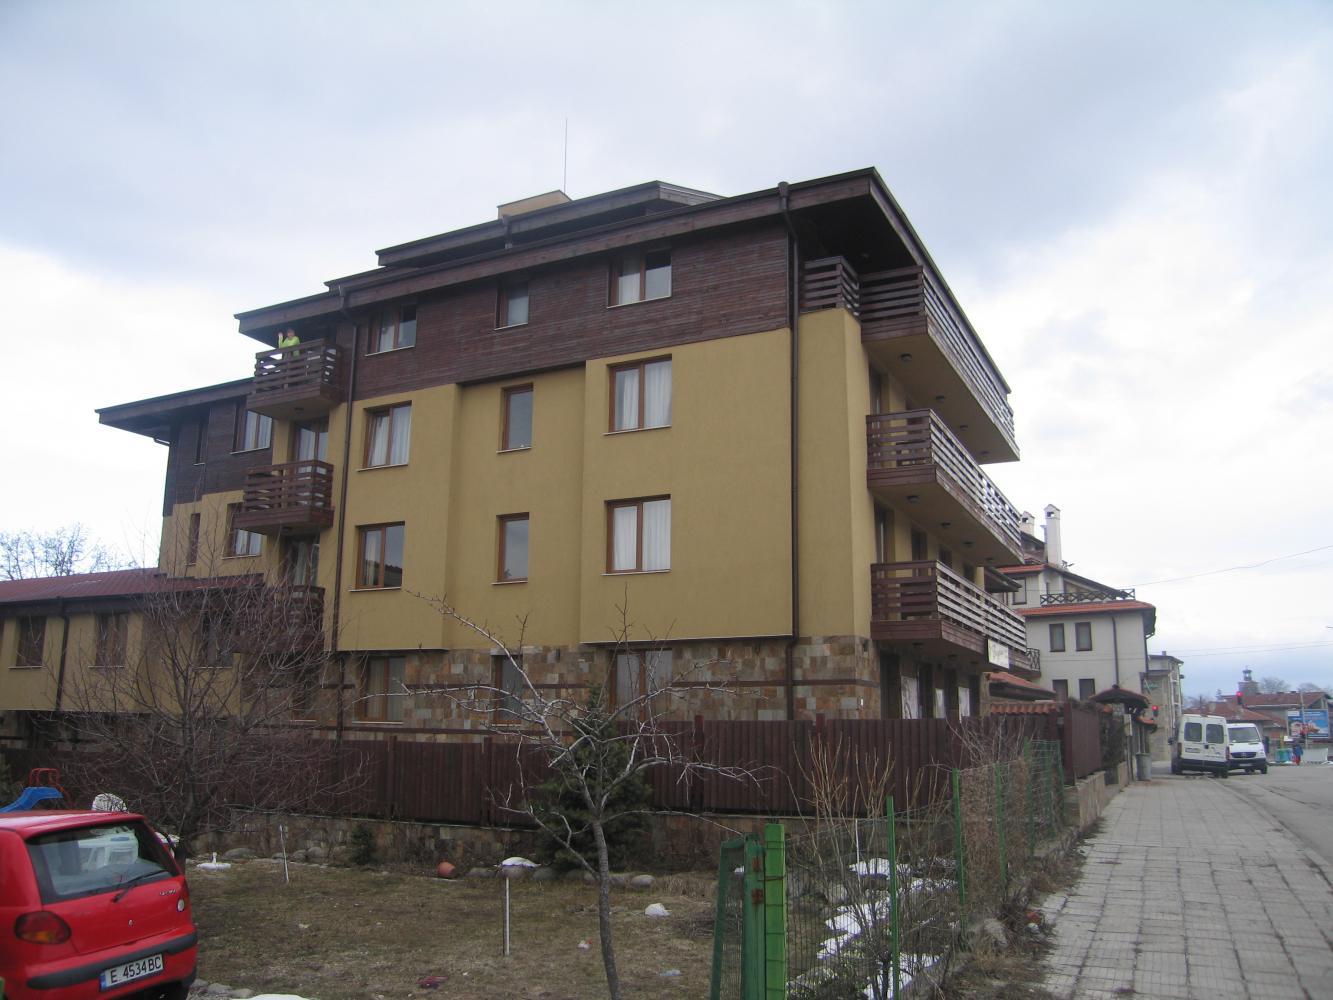 Вид на корпус В, наш номер в двумя балконами на верхнем этаже